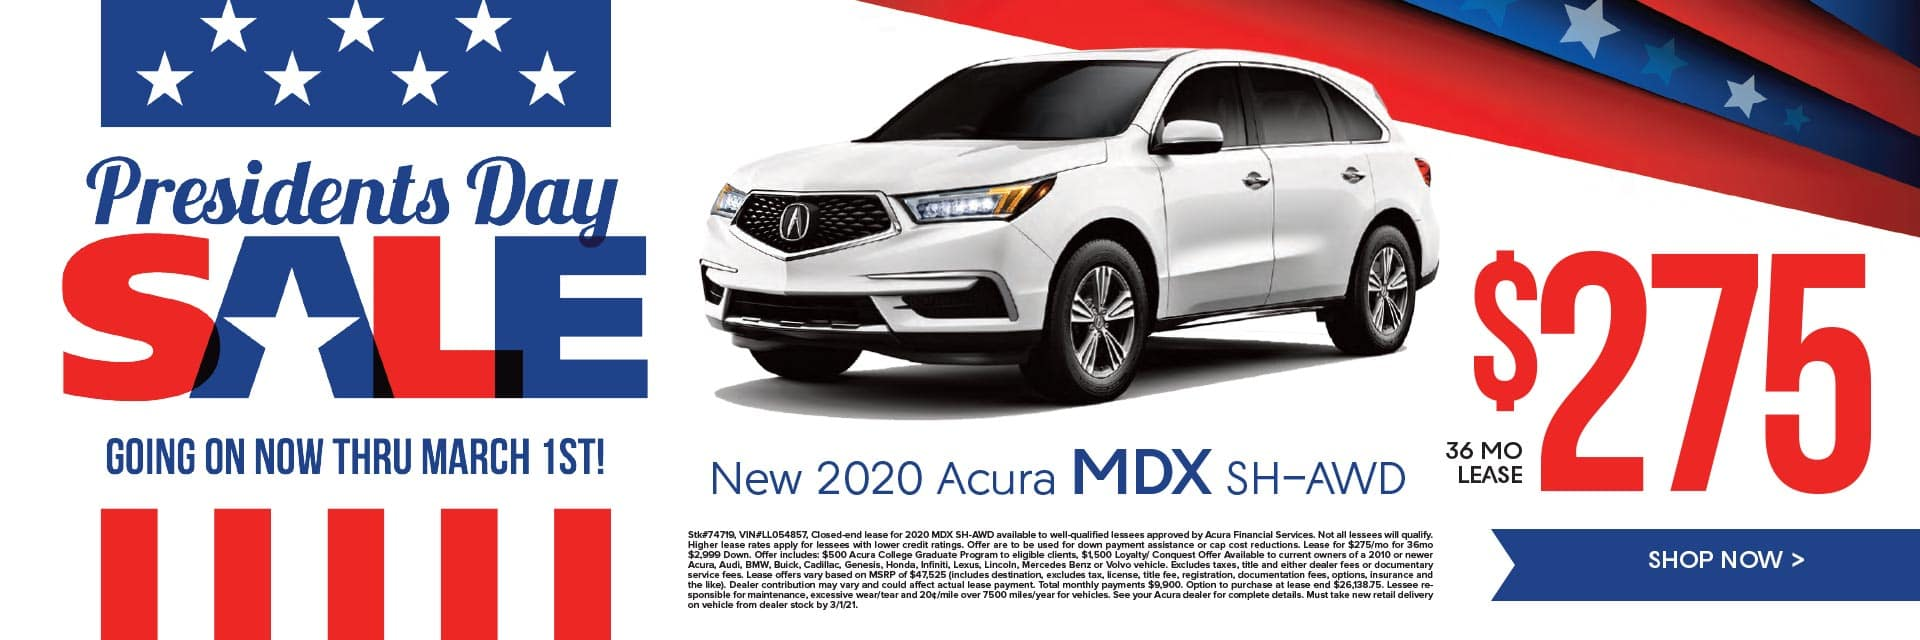 New 2020 Acura MDX